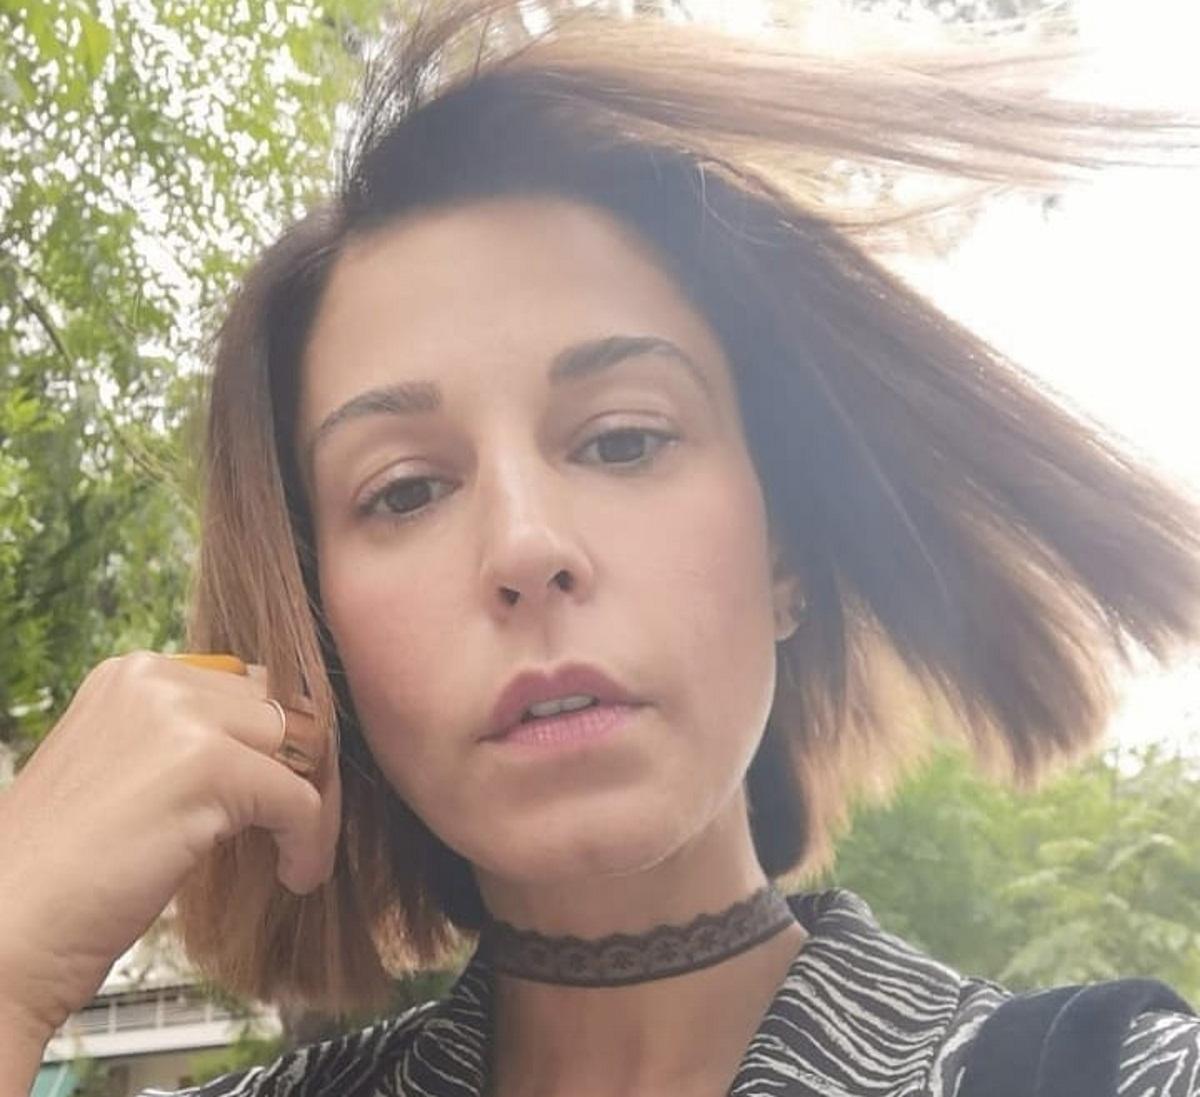 Κατερίνα Παπουτσάκη: Η αλλαγή στα μαλλιά της στον πέμπτο μήνα της εγκυμοσύνης της! [pics] | tlife.gr